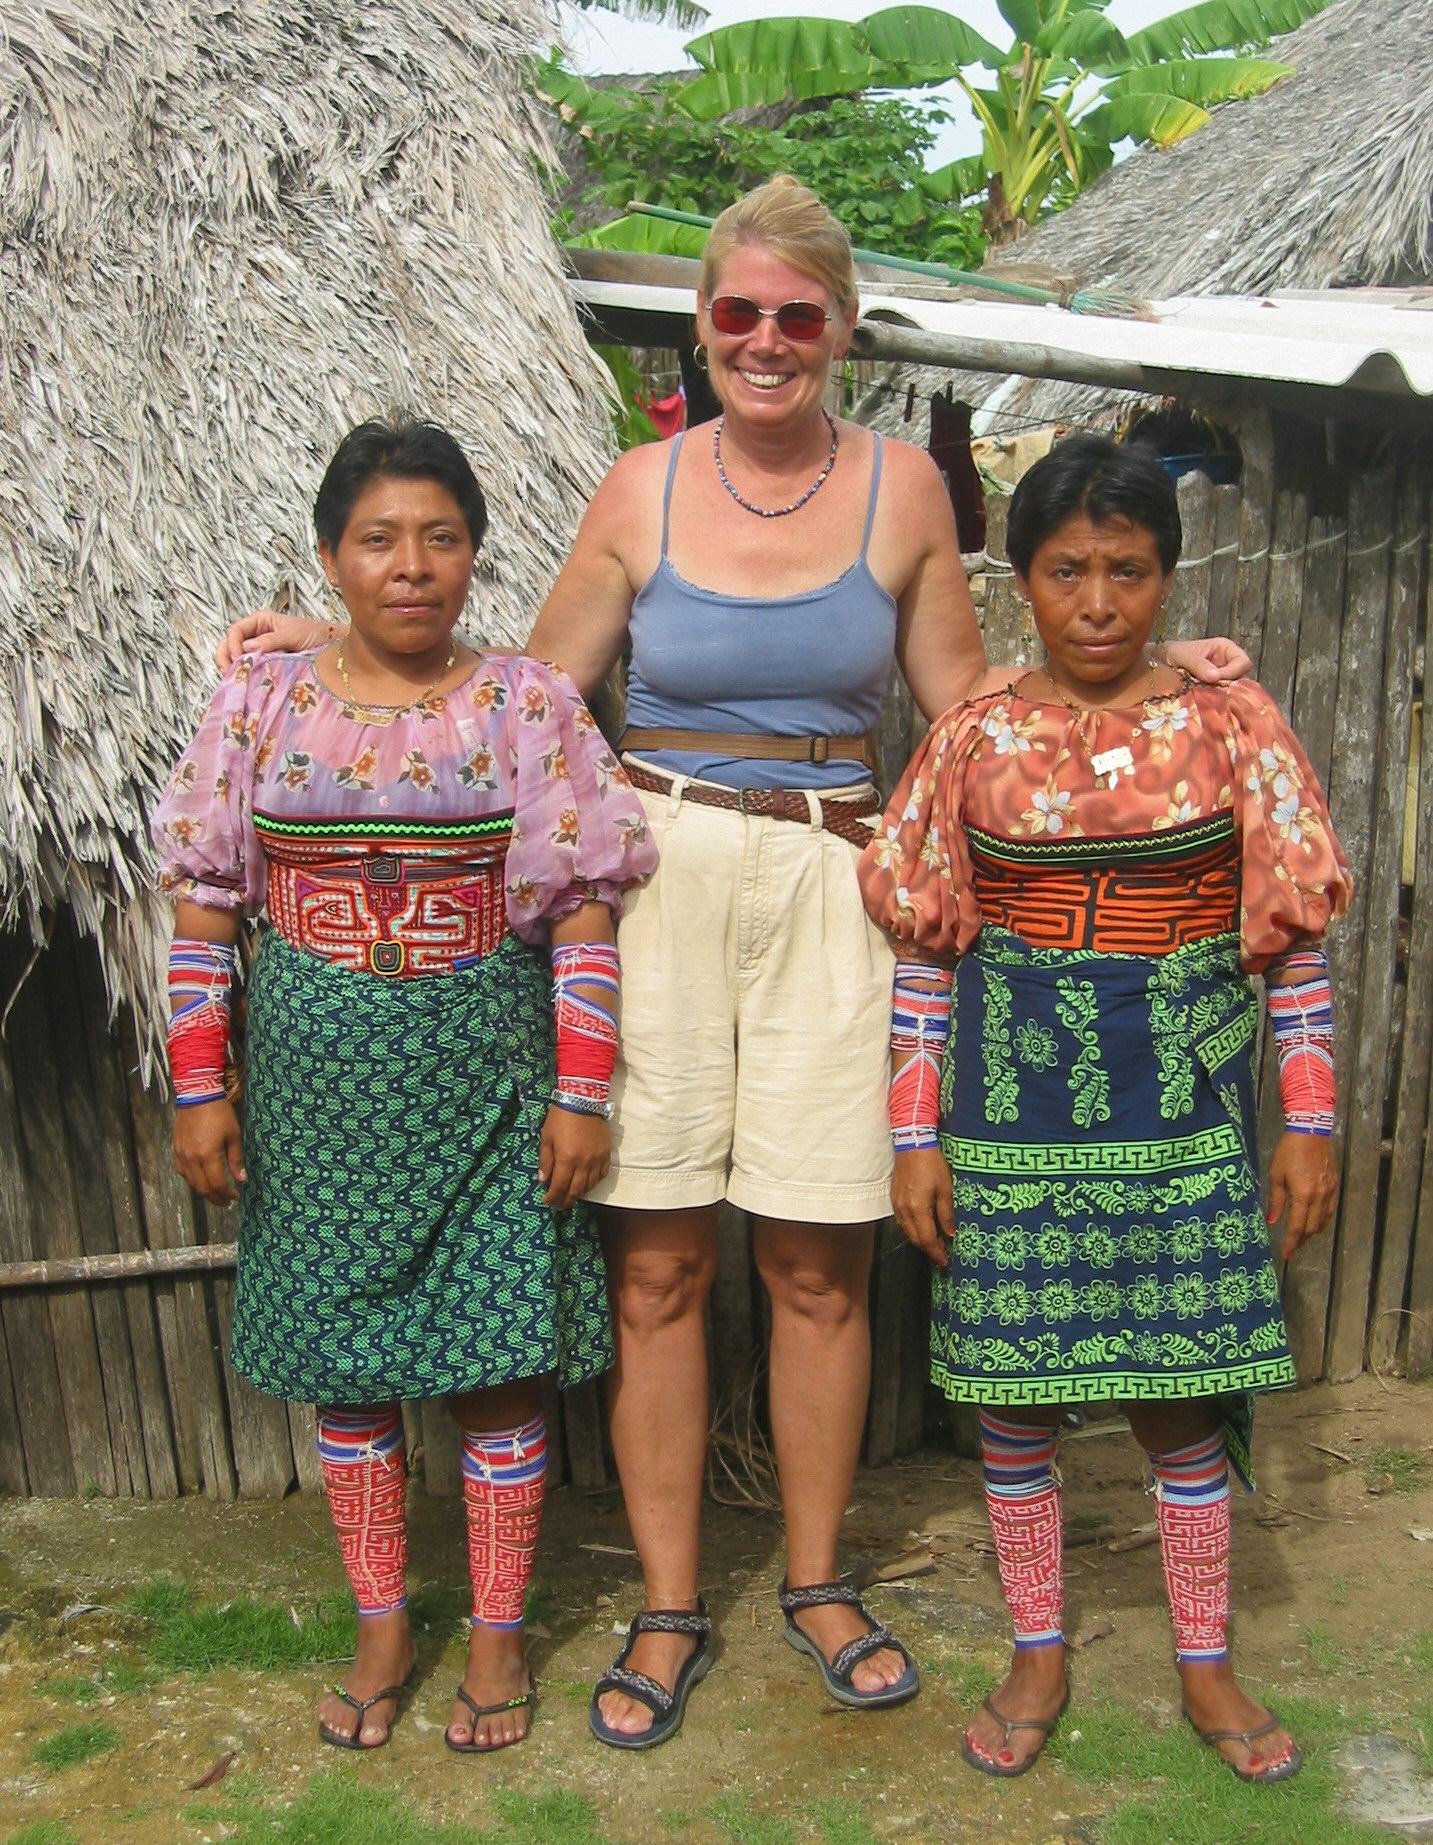 Kuna women do not smile for photos!